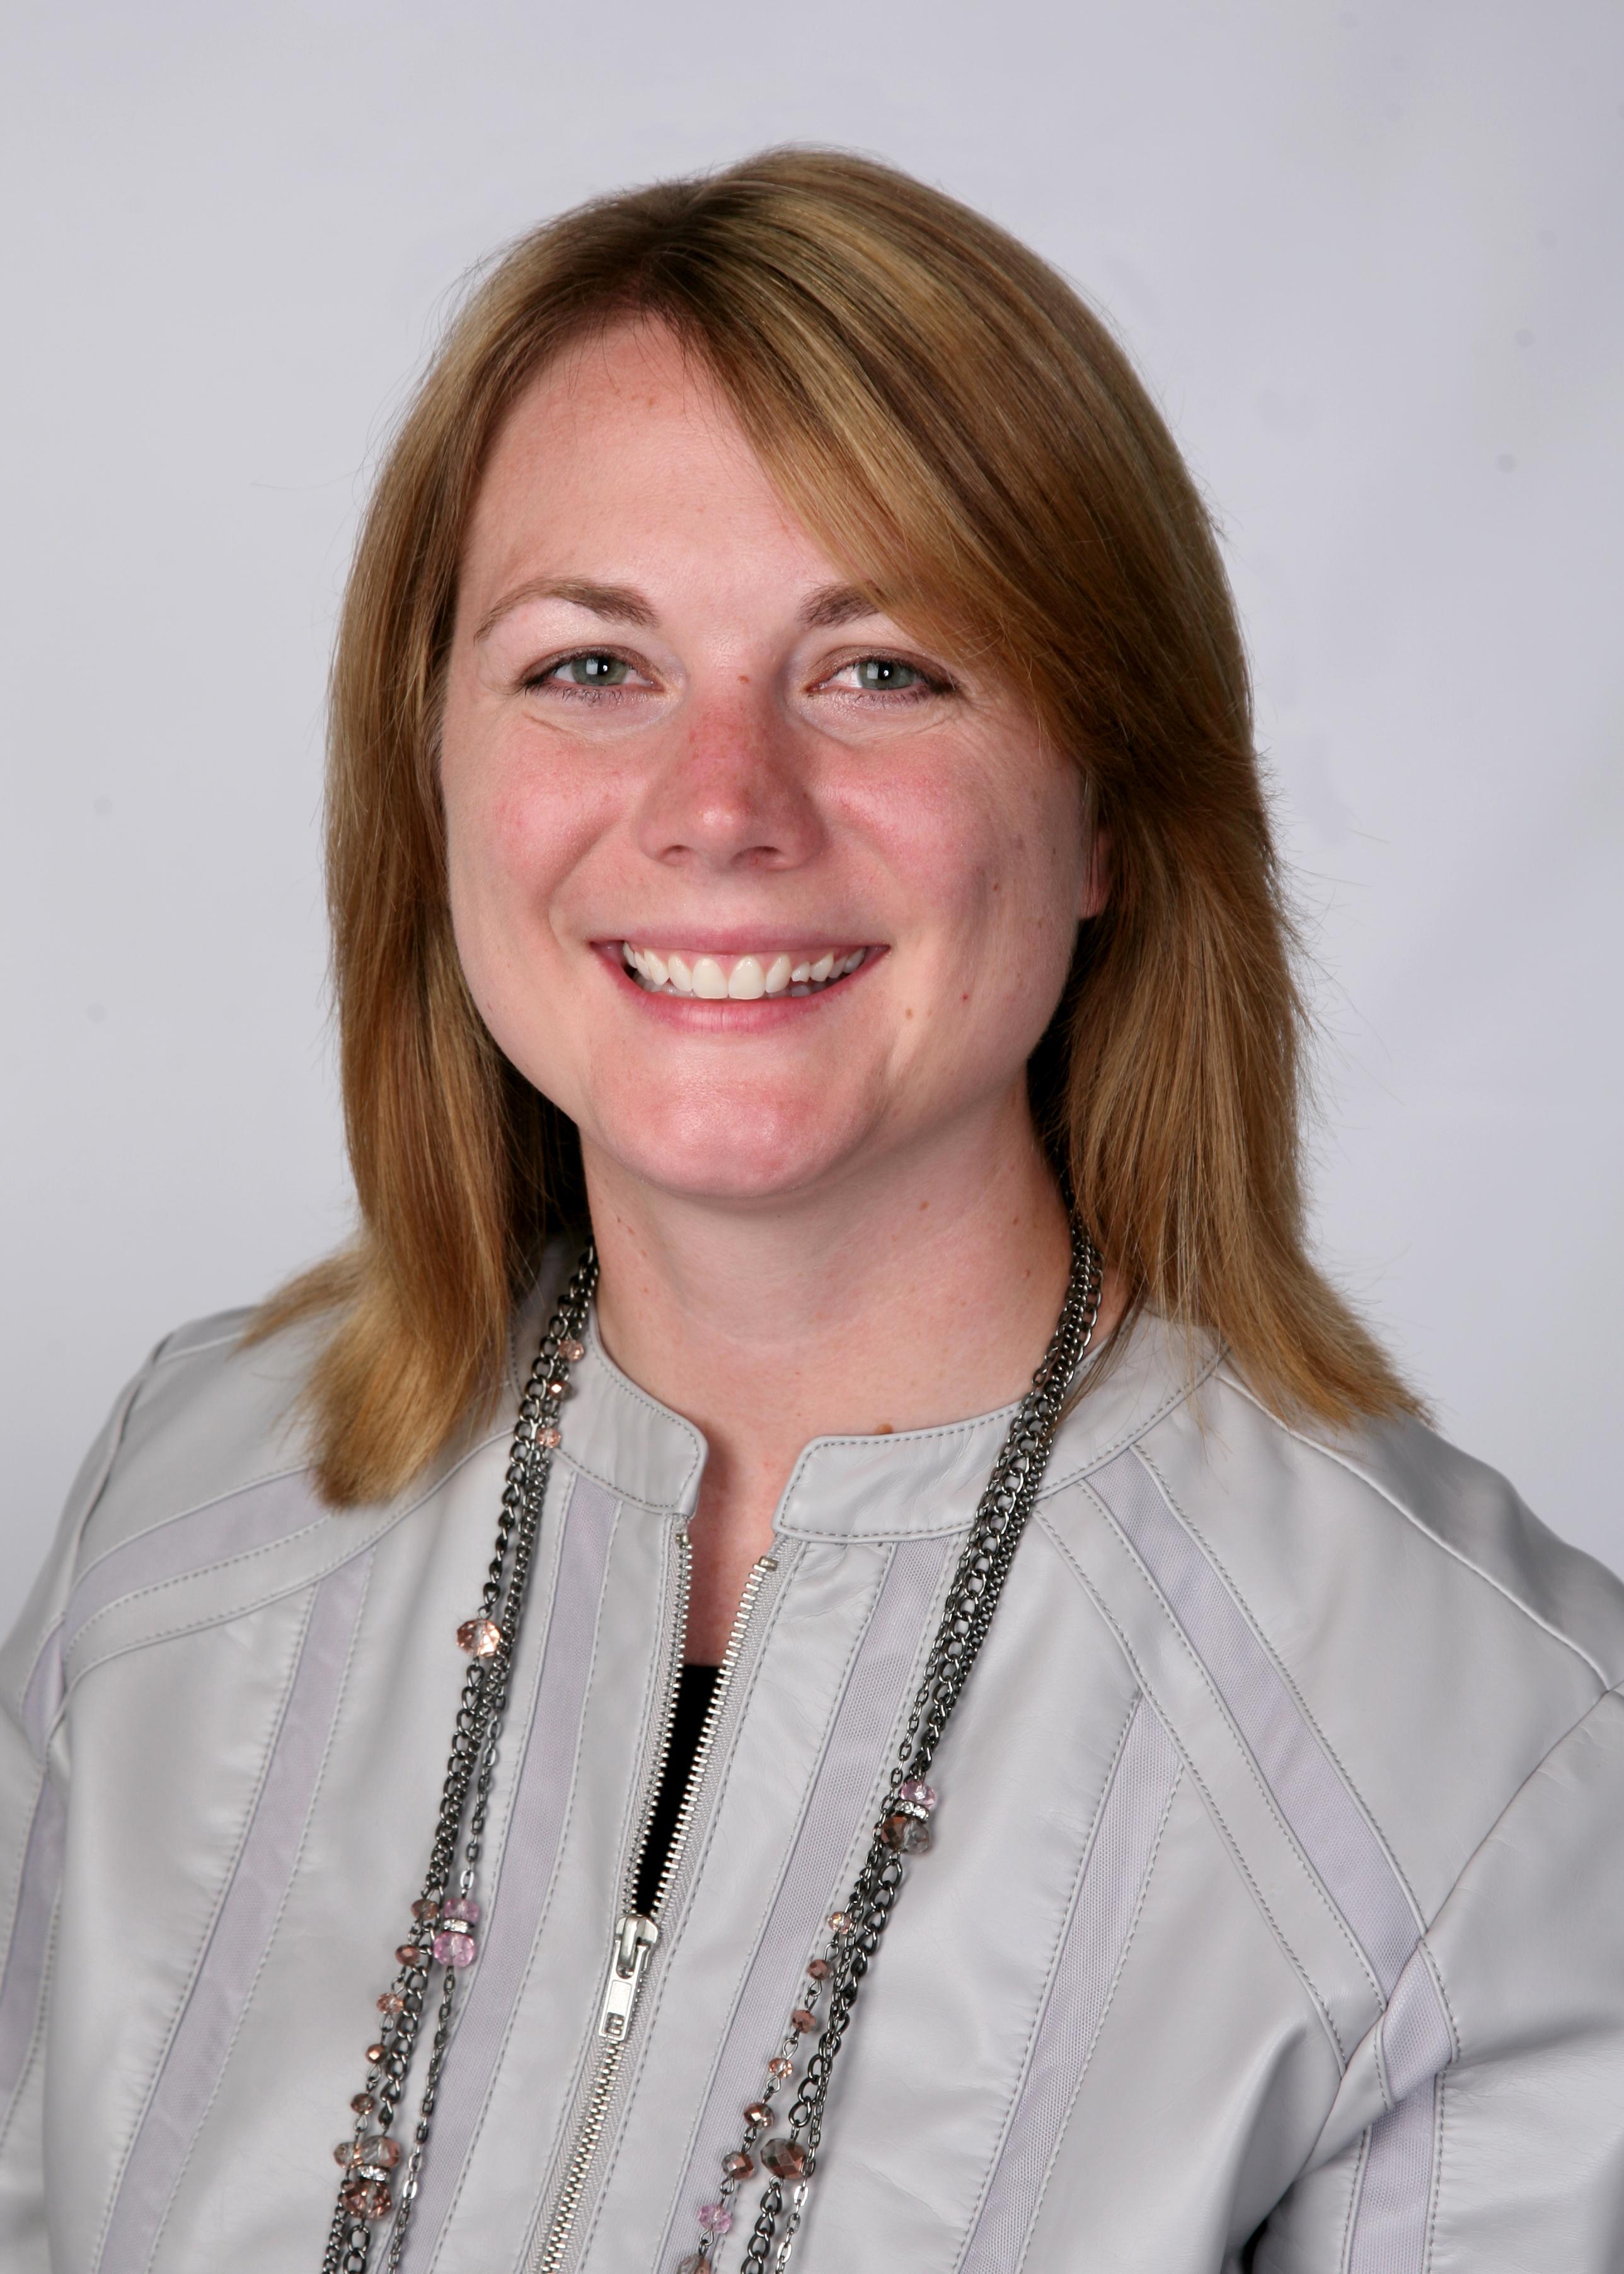 Sara Schafer